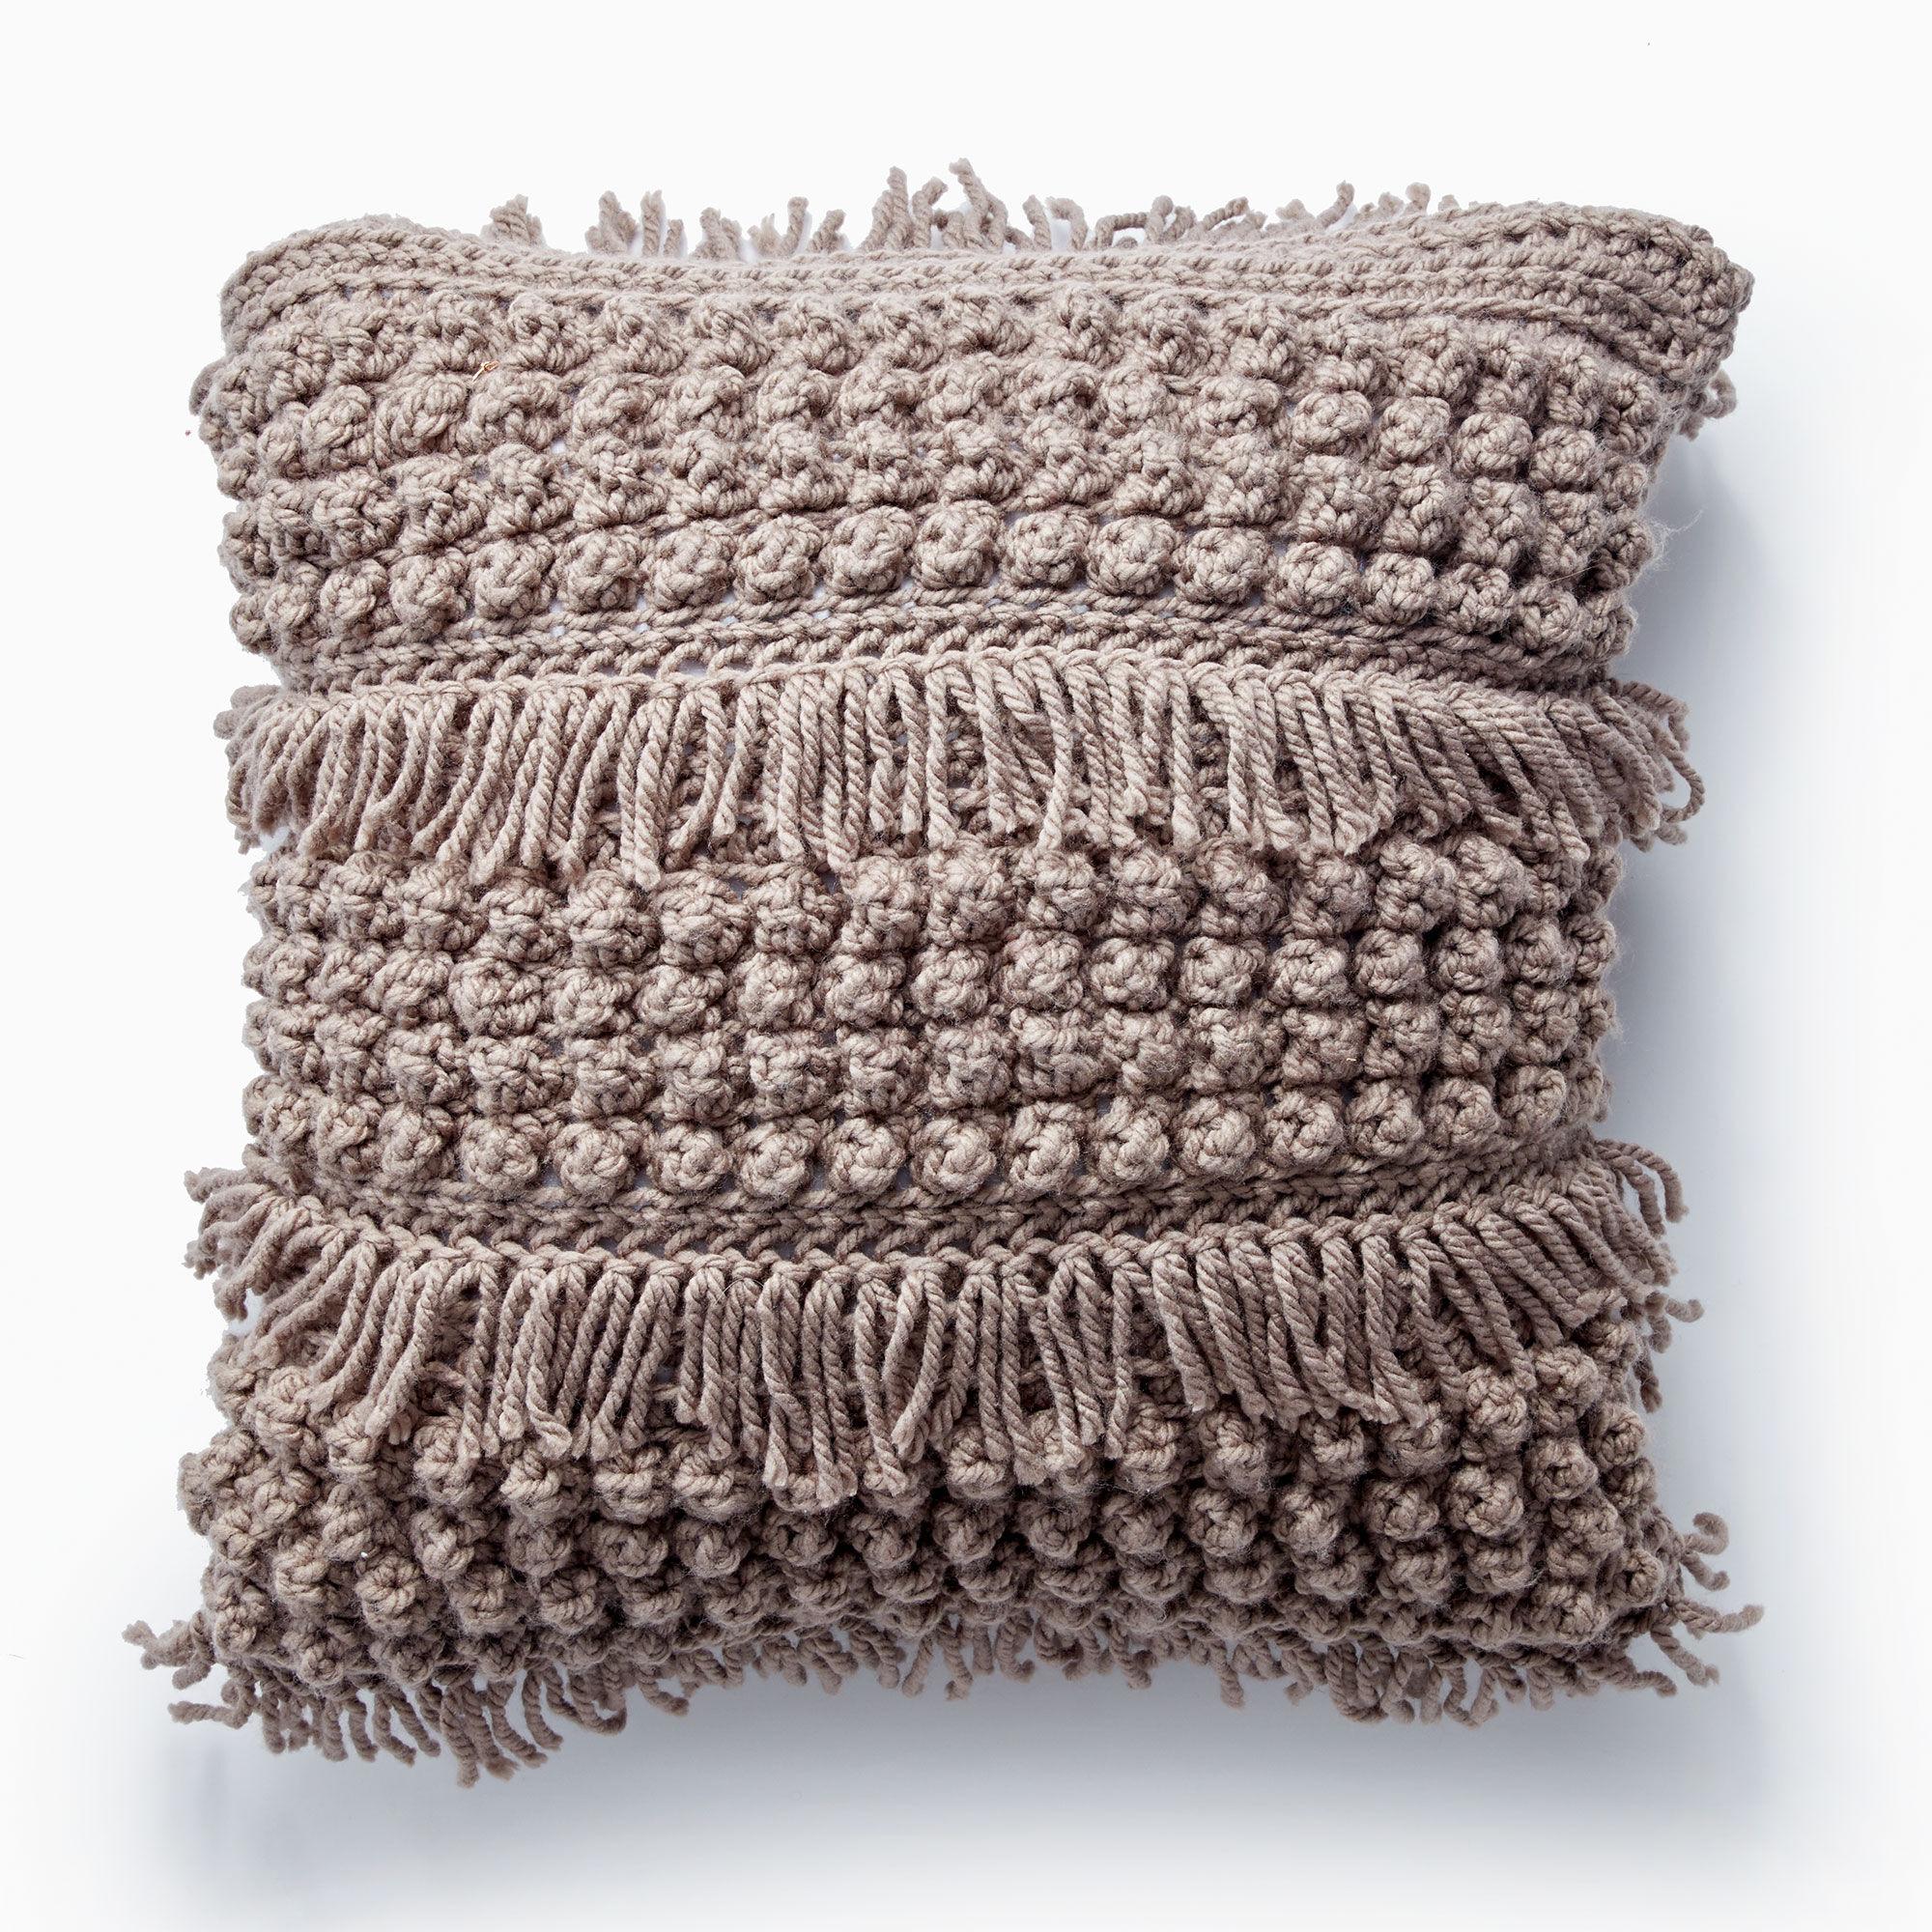 Bernat Tassel and Texture Crochet Pillow, Taupe | Yarnspirations